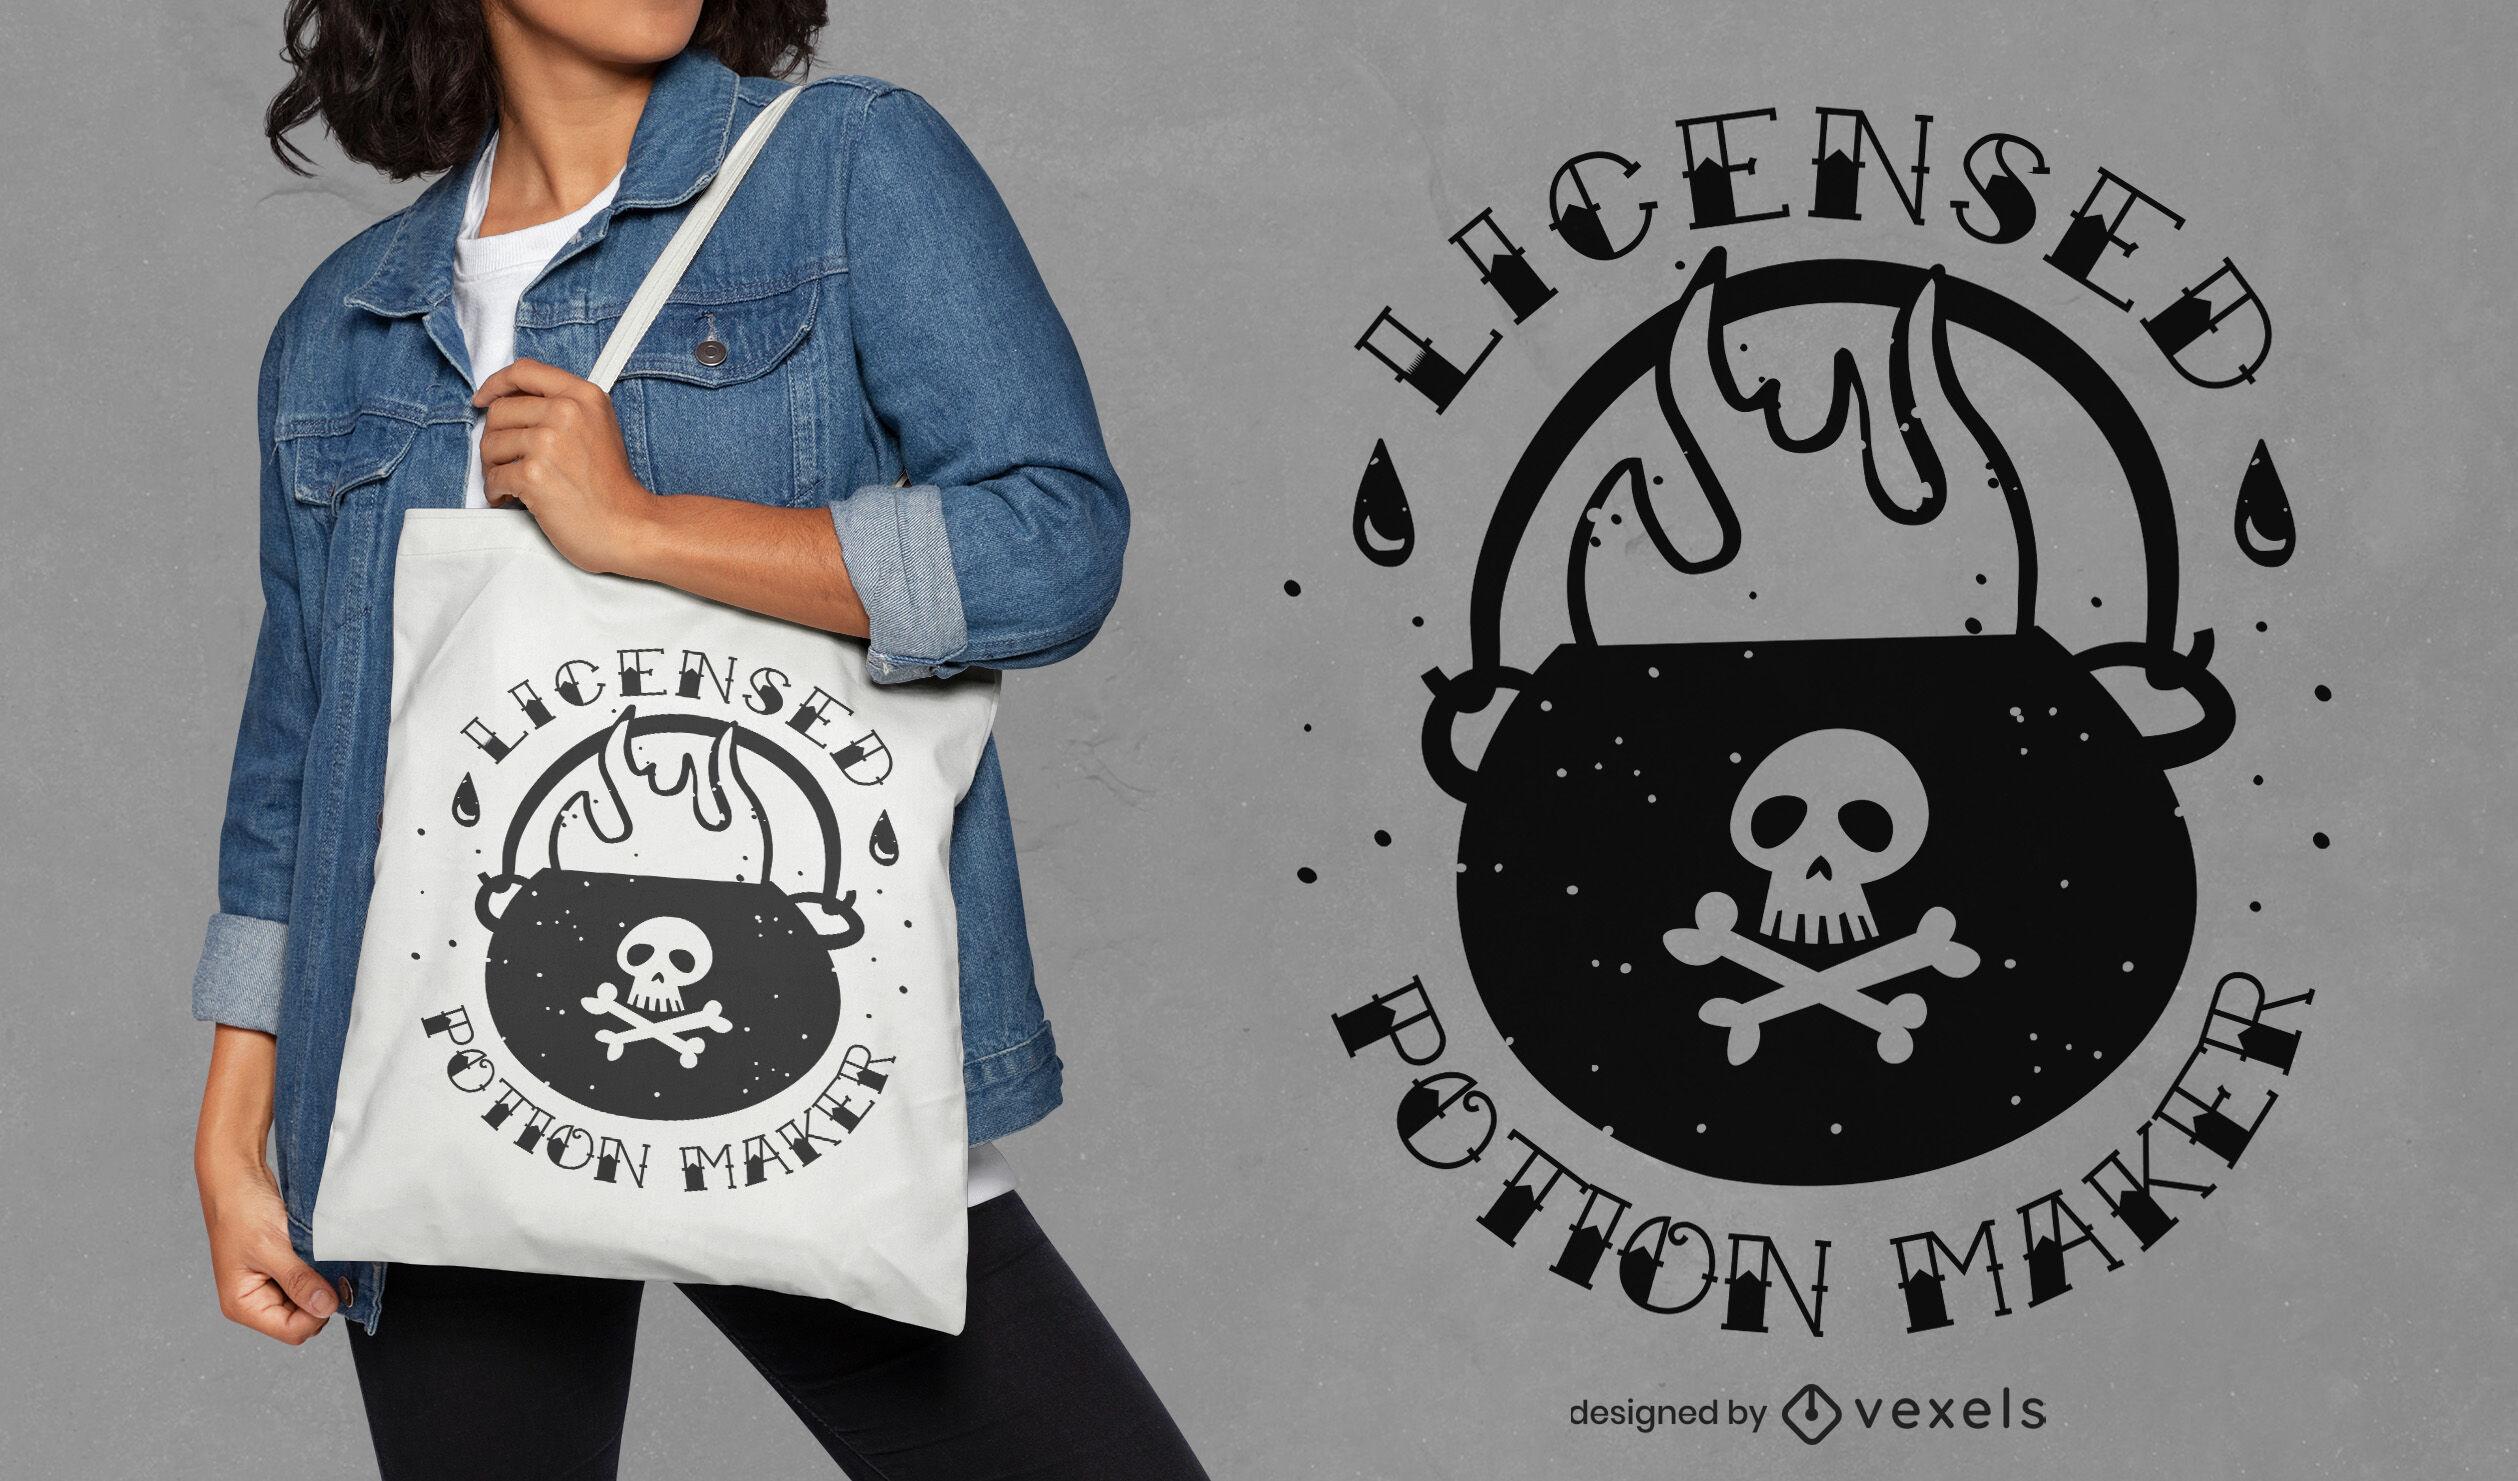 Potion maker tote bag design